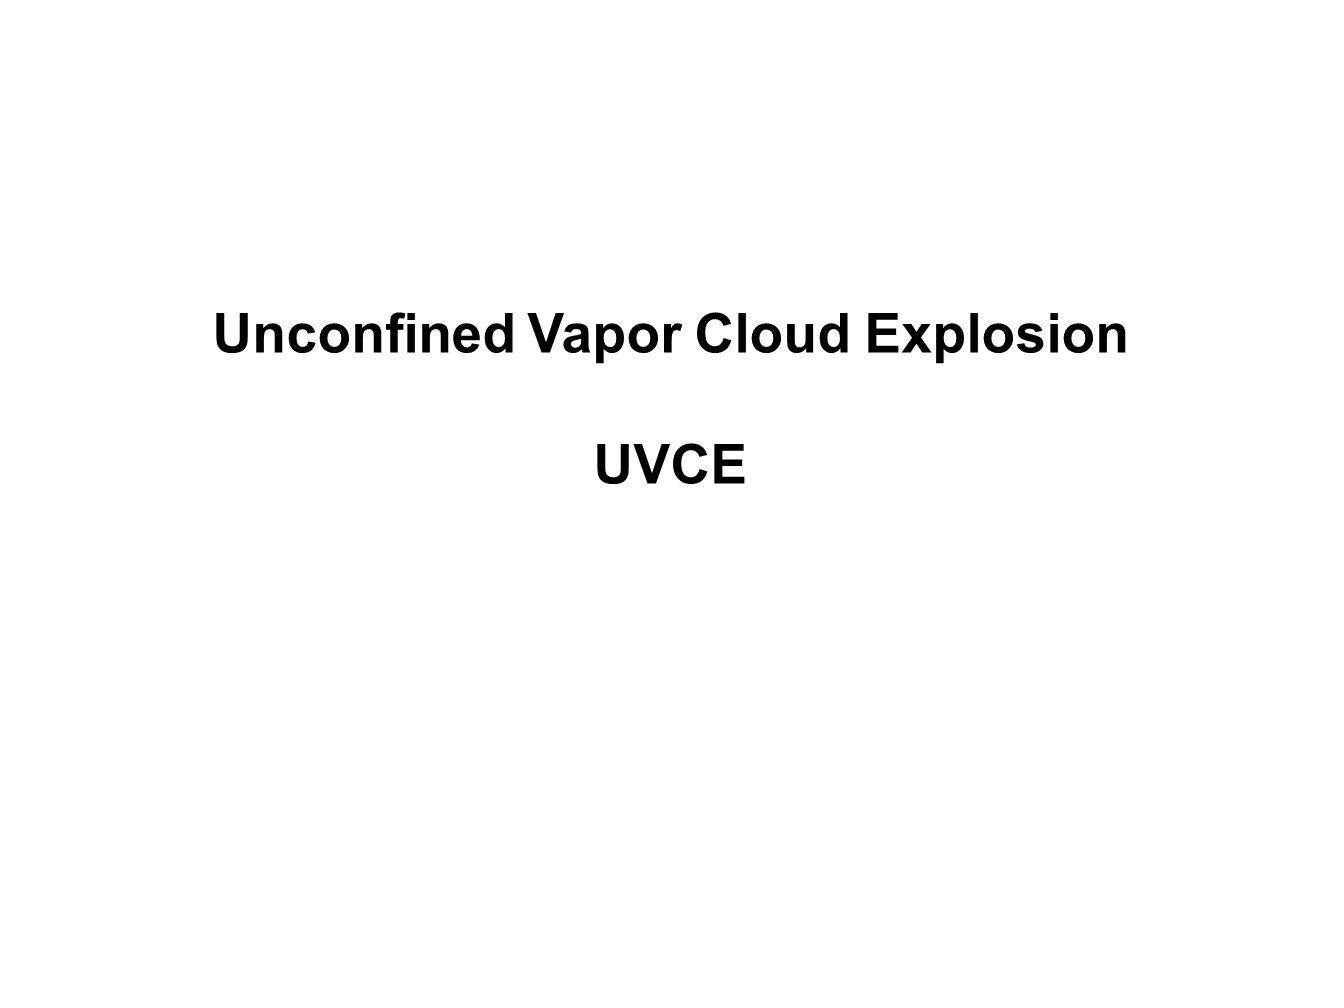 Unconfined Vapor Cloud Explosion UVCE